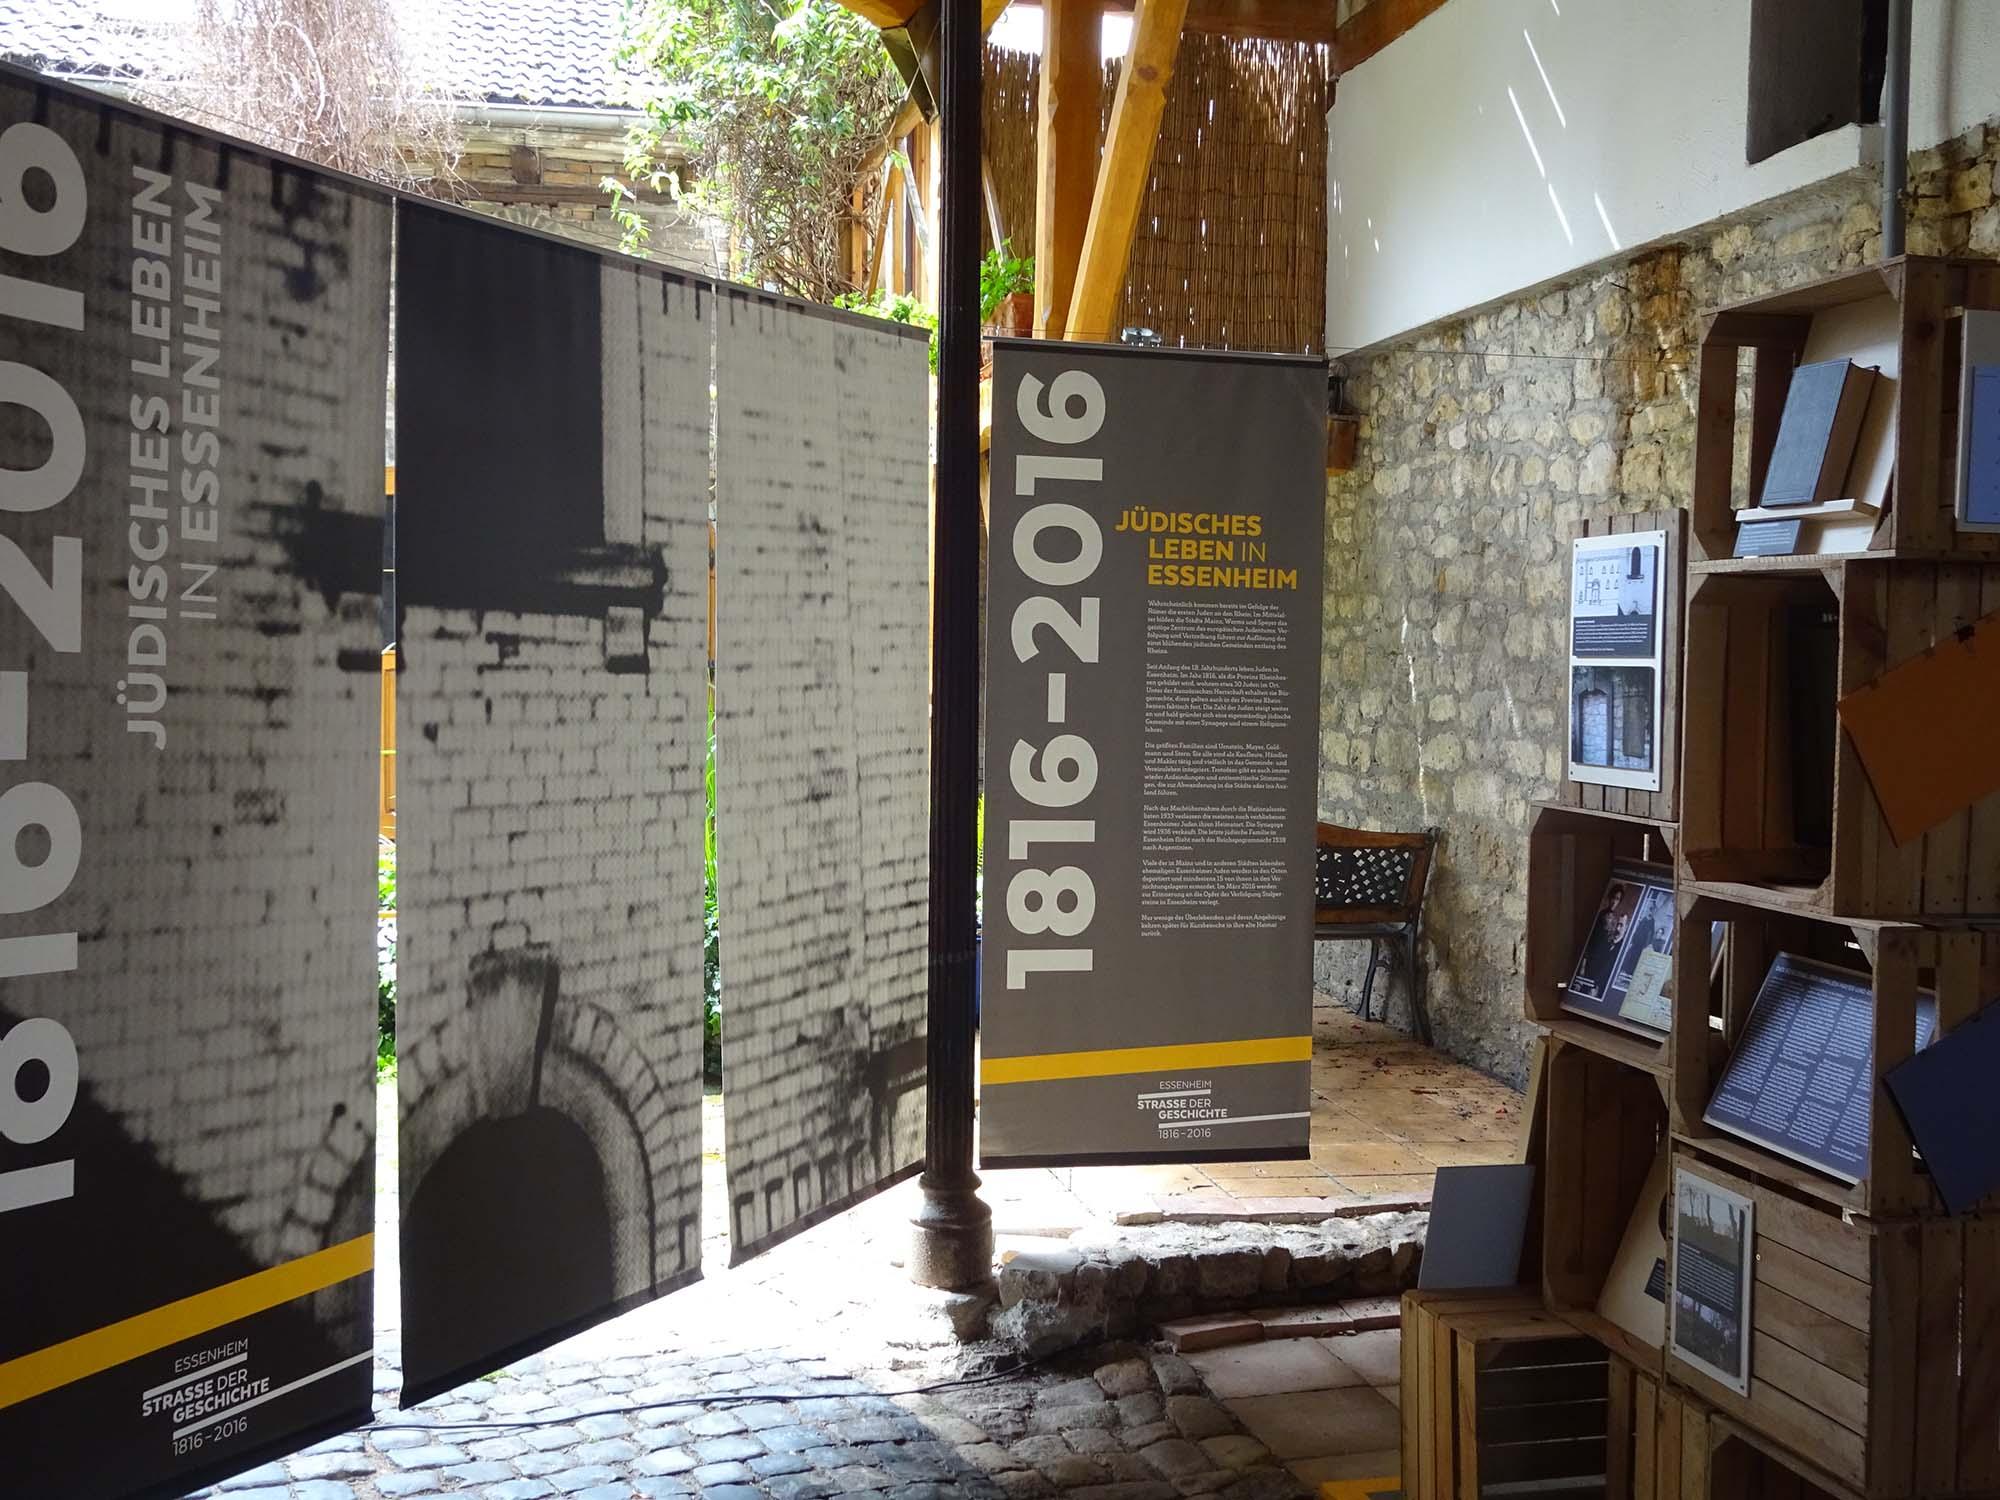 Die Ausstellung umfasst den Zeitraum von 1816 bis 2016